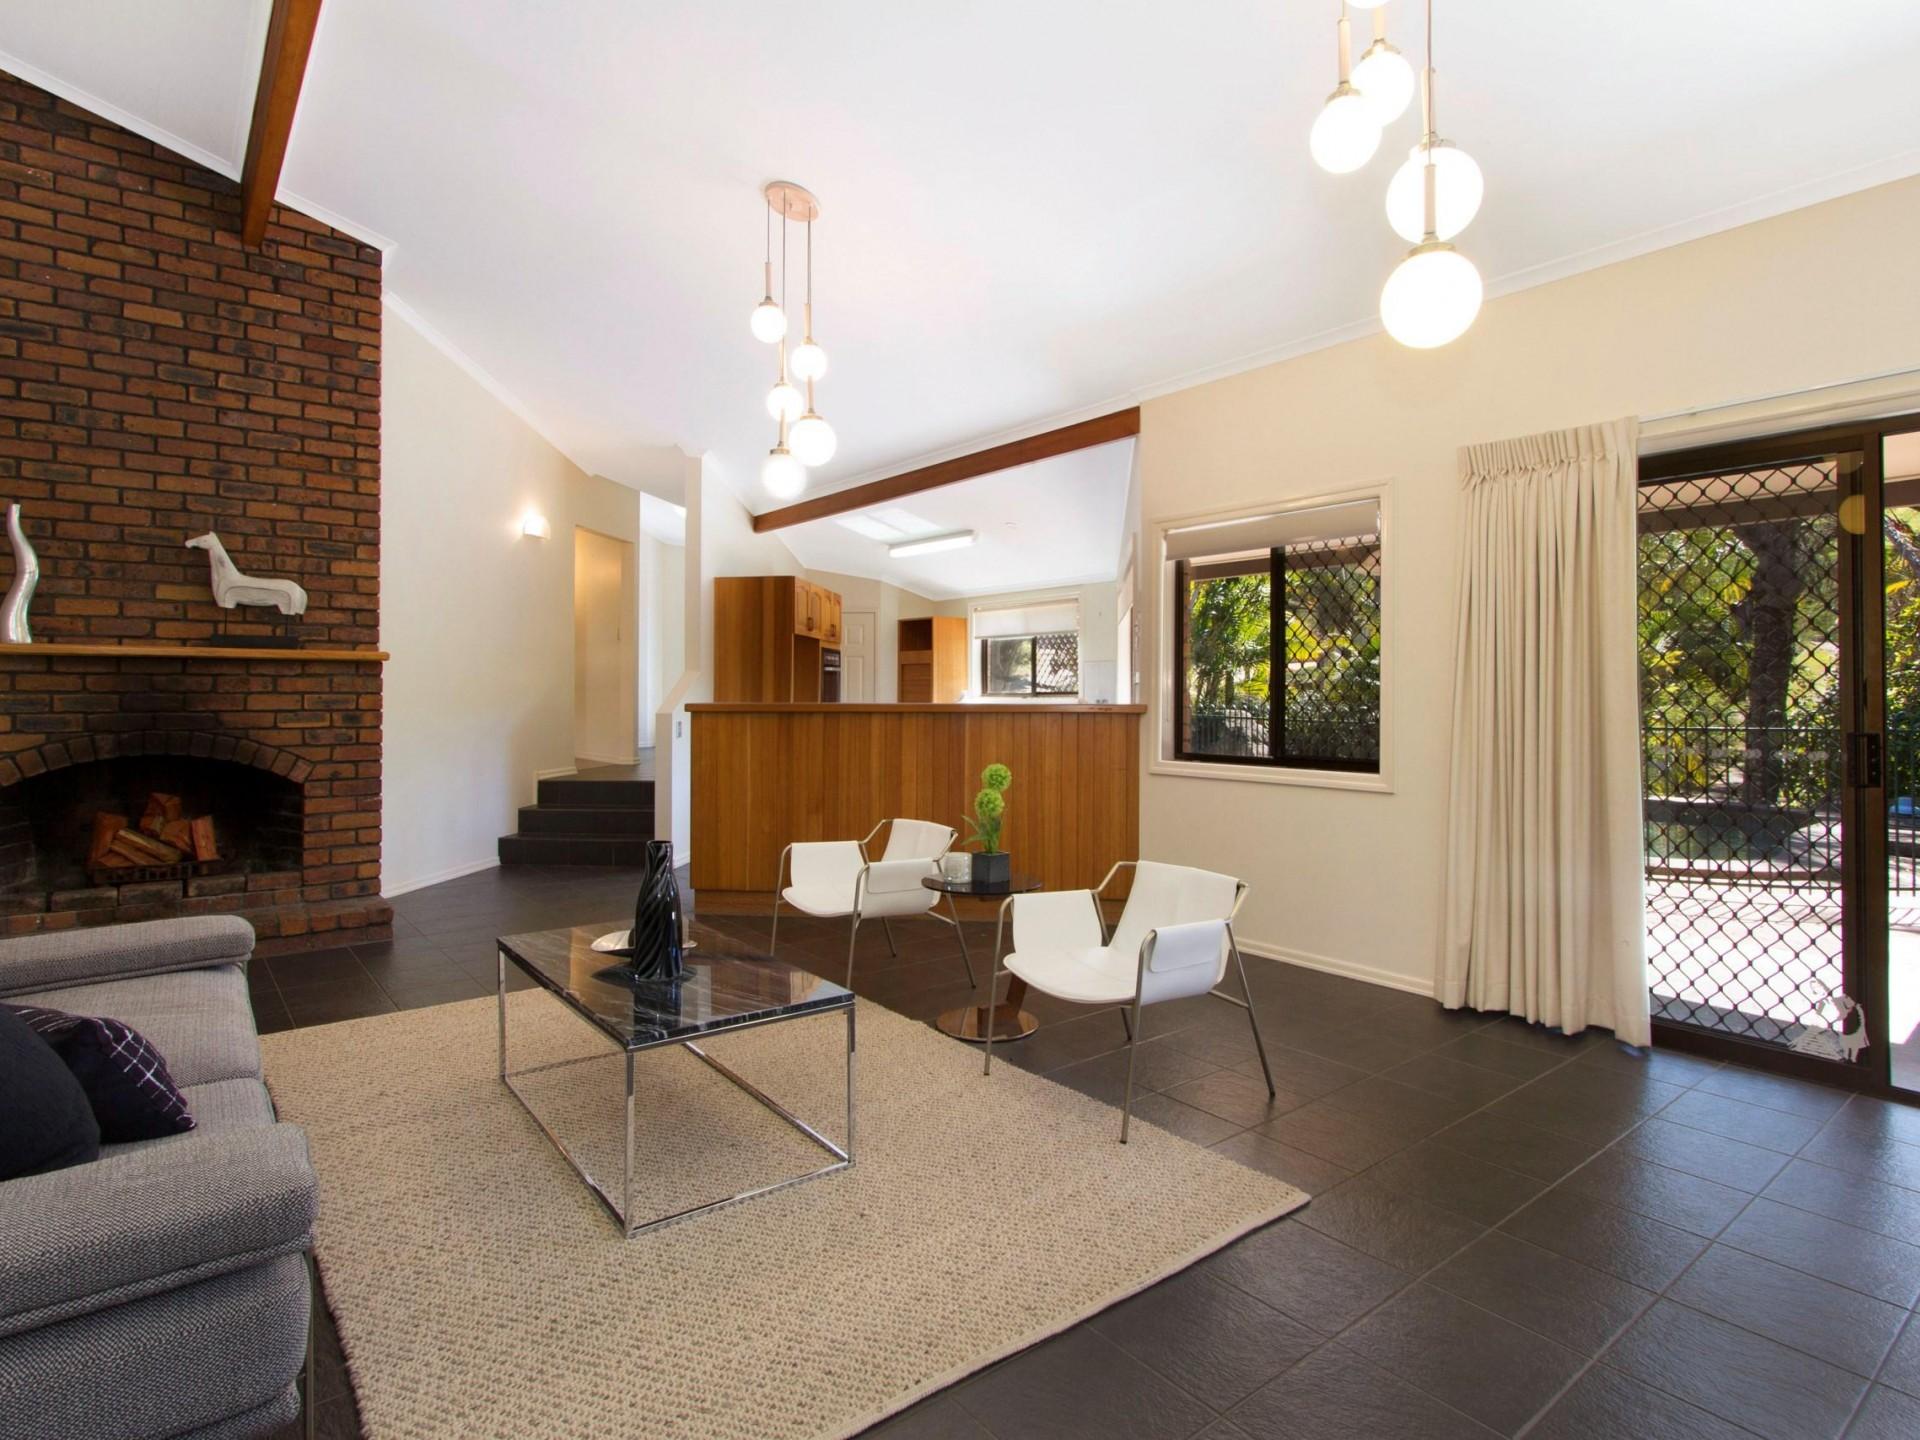 Great 4 Bedroom Home